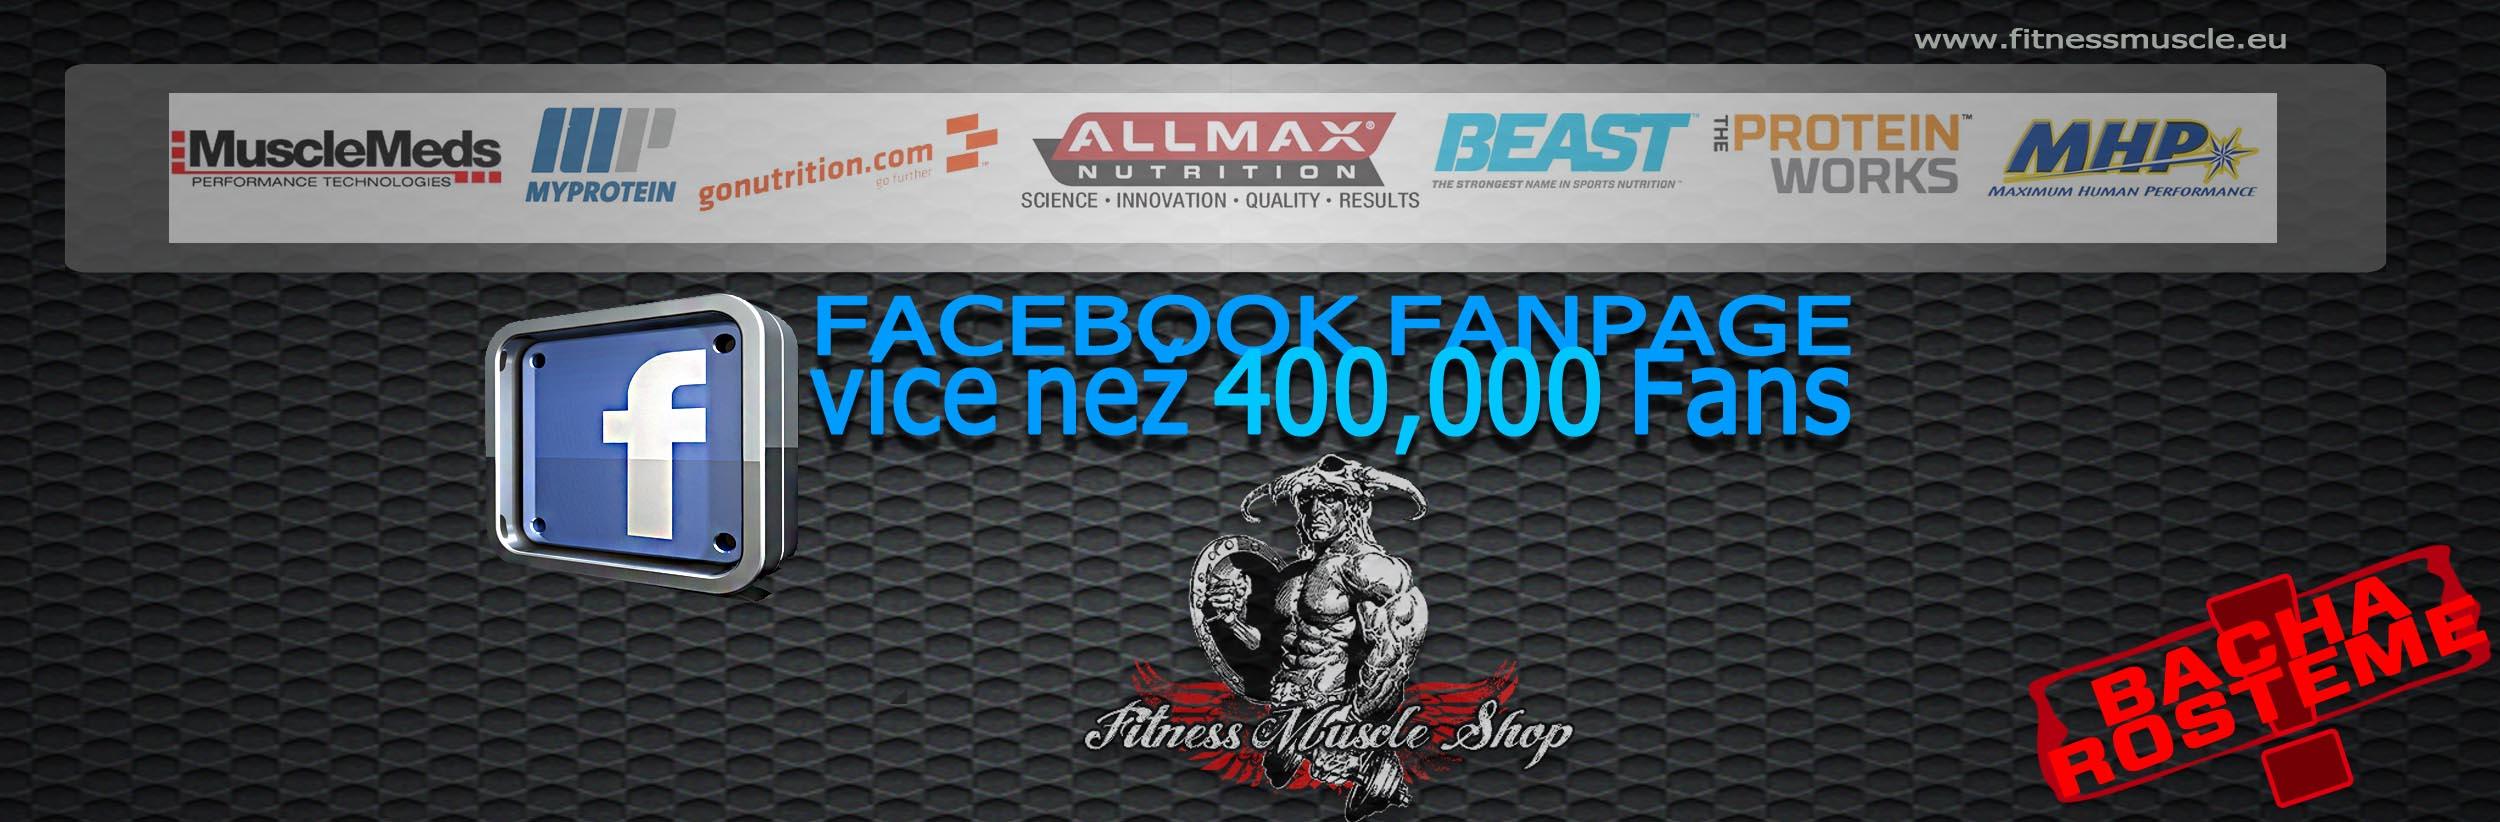 Facebook Fanpage | FitnessMuscle.eu